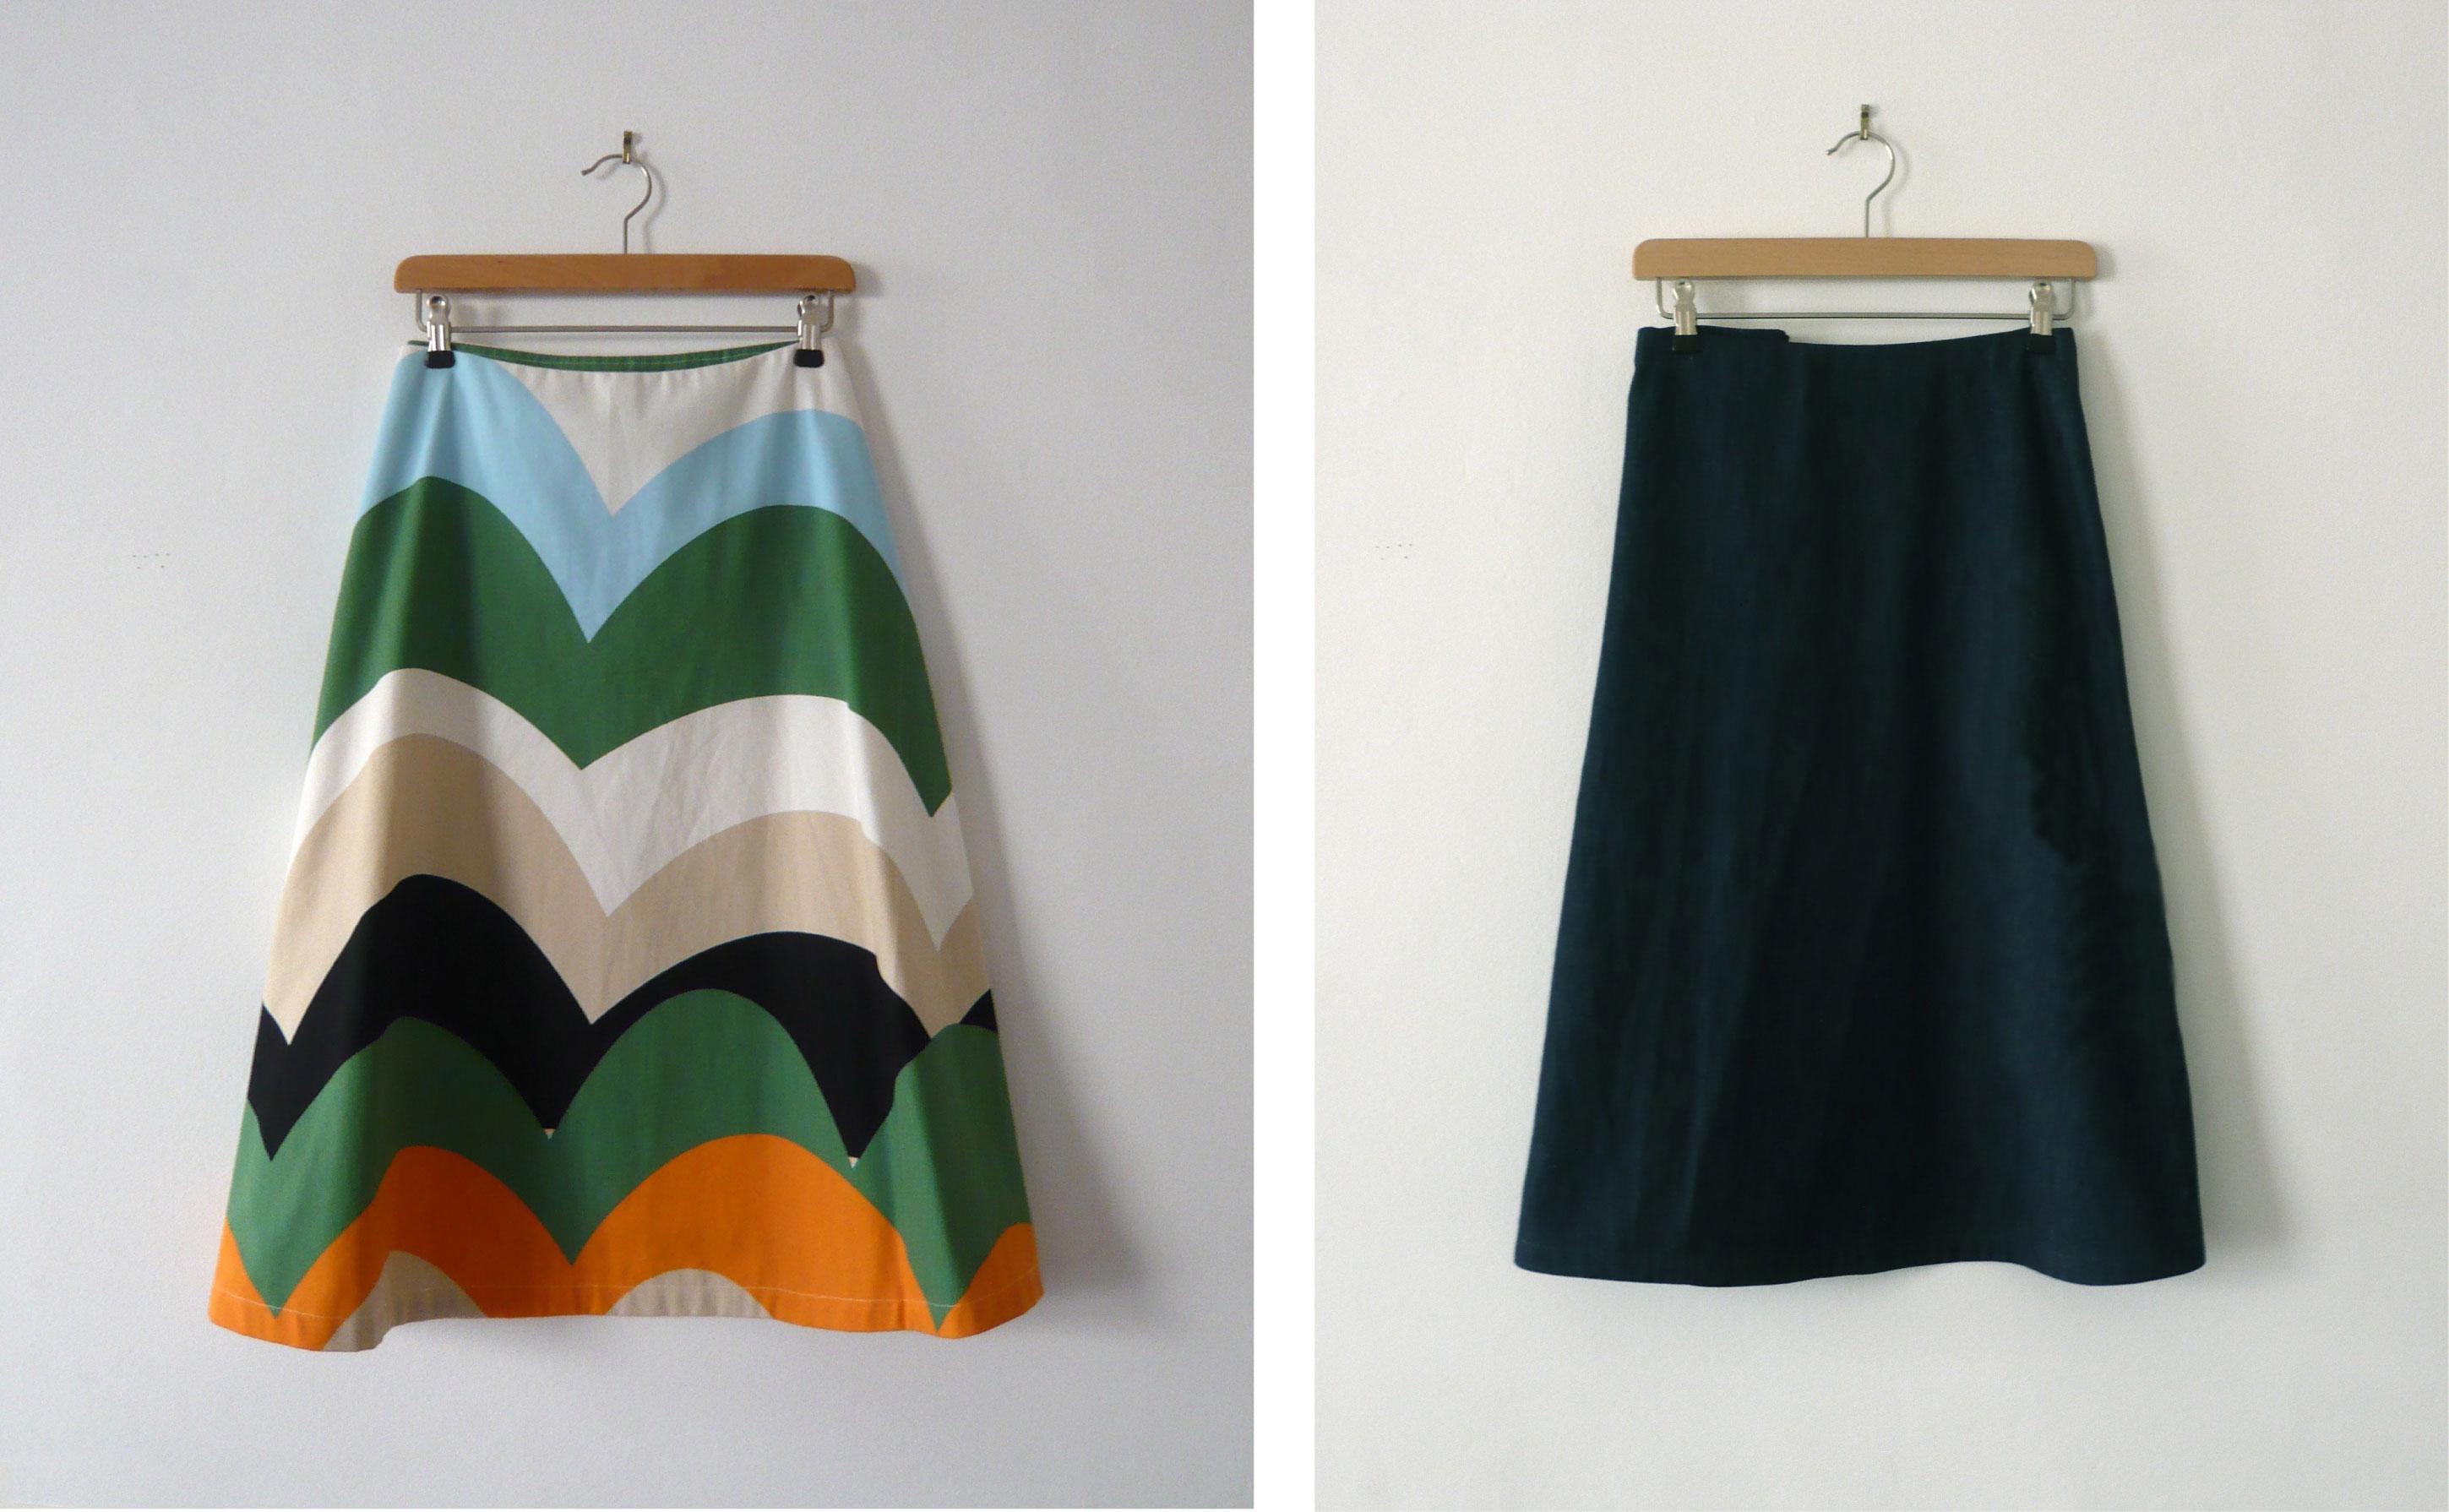 Beginners Skirt-making Workshop | Wendy Ward